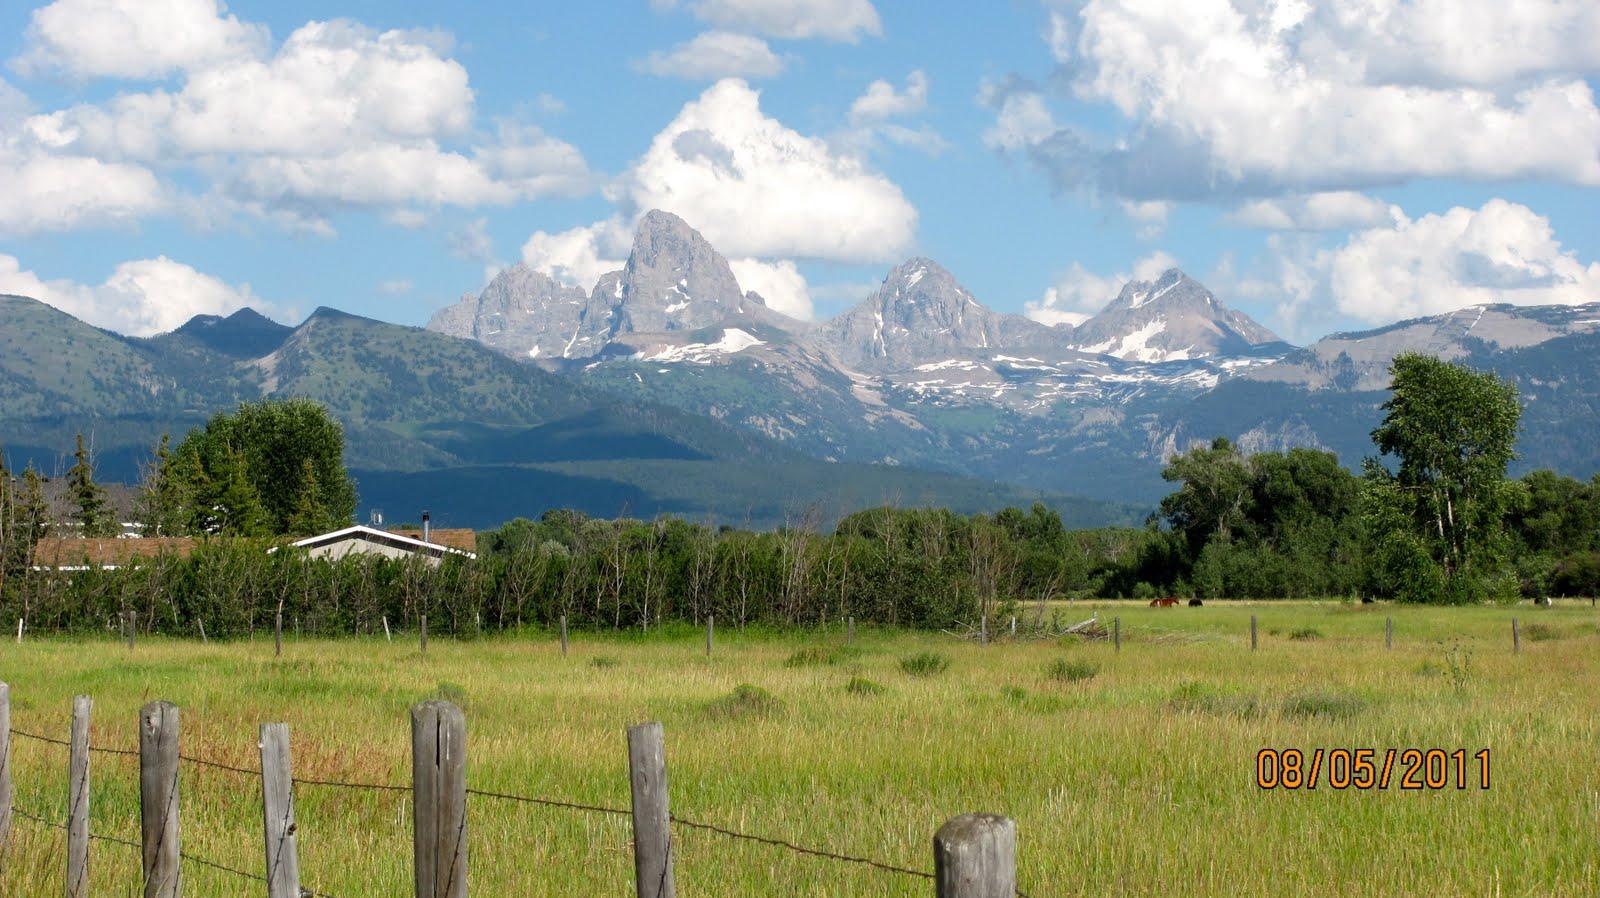 America By Rv Travel Day To Tetonia Idaho Mountain View